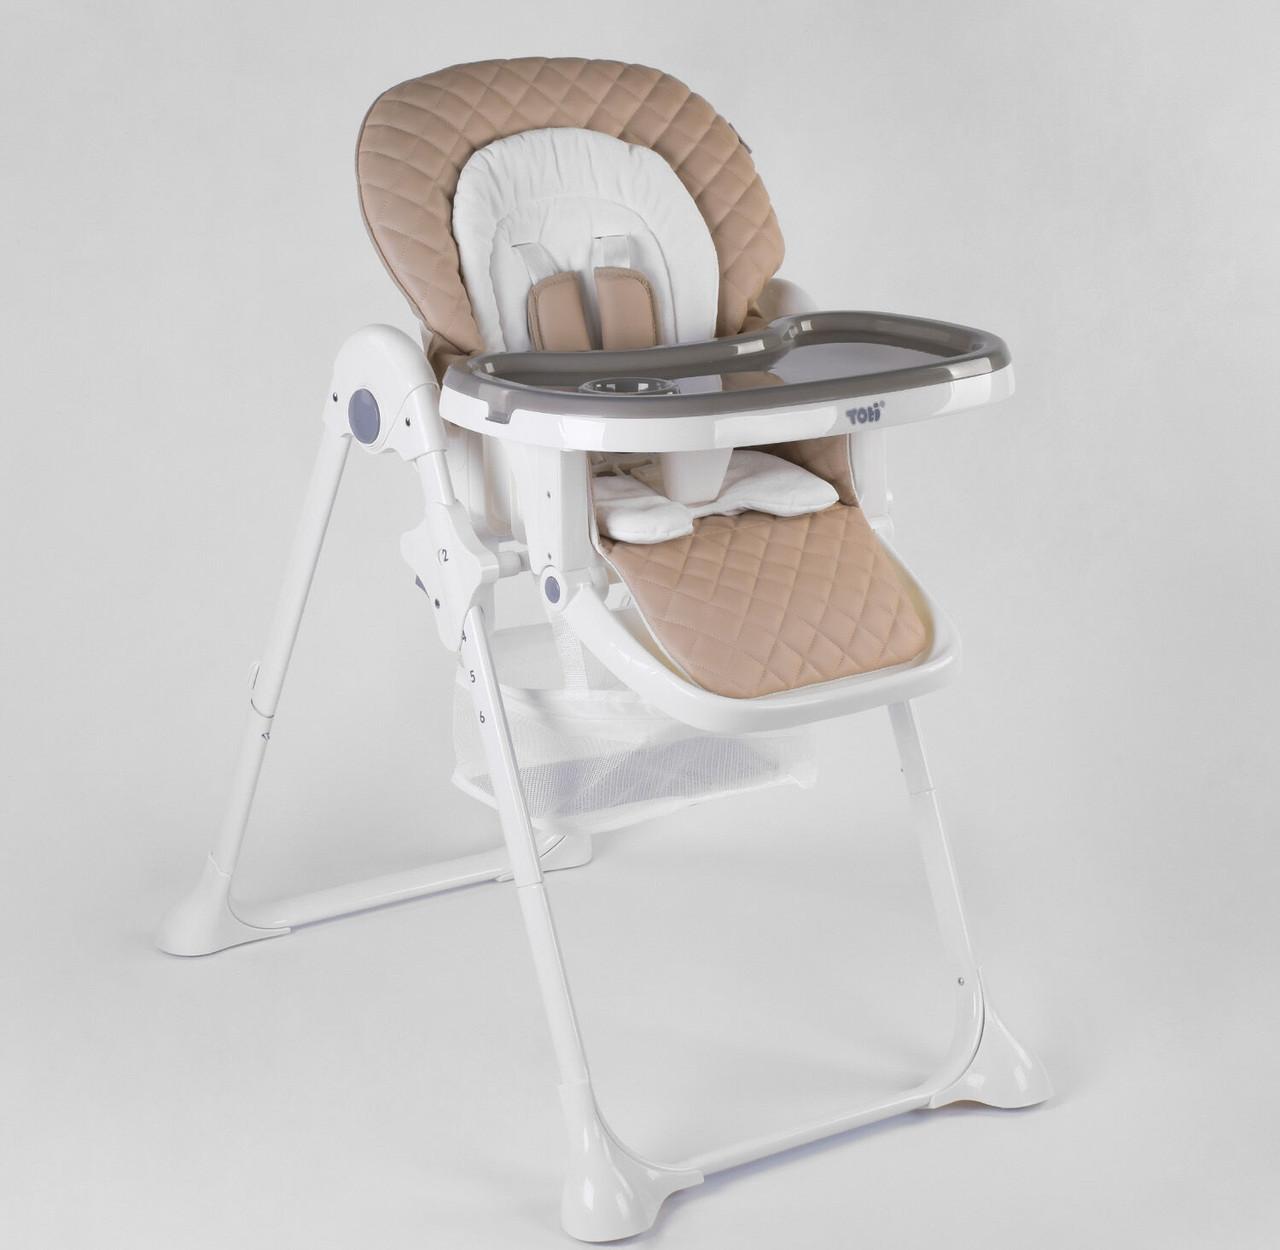 Стульчик для кормления малыша Toti W-65019 с мягким PU и 2 колесами